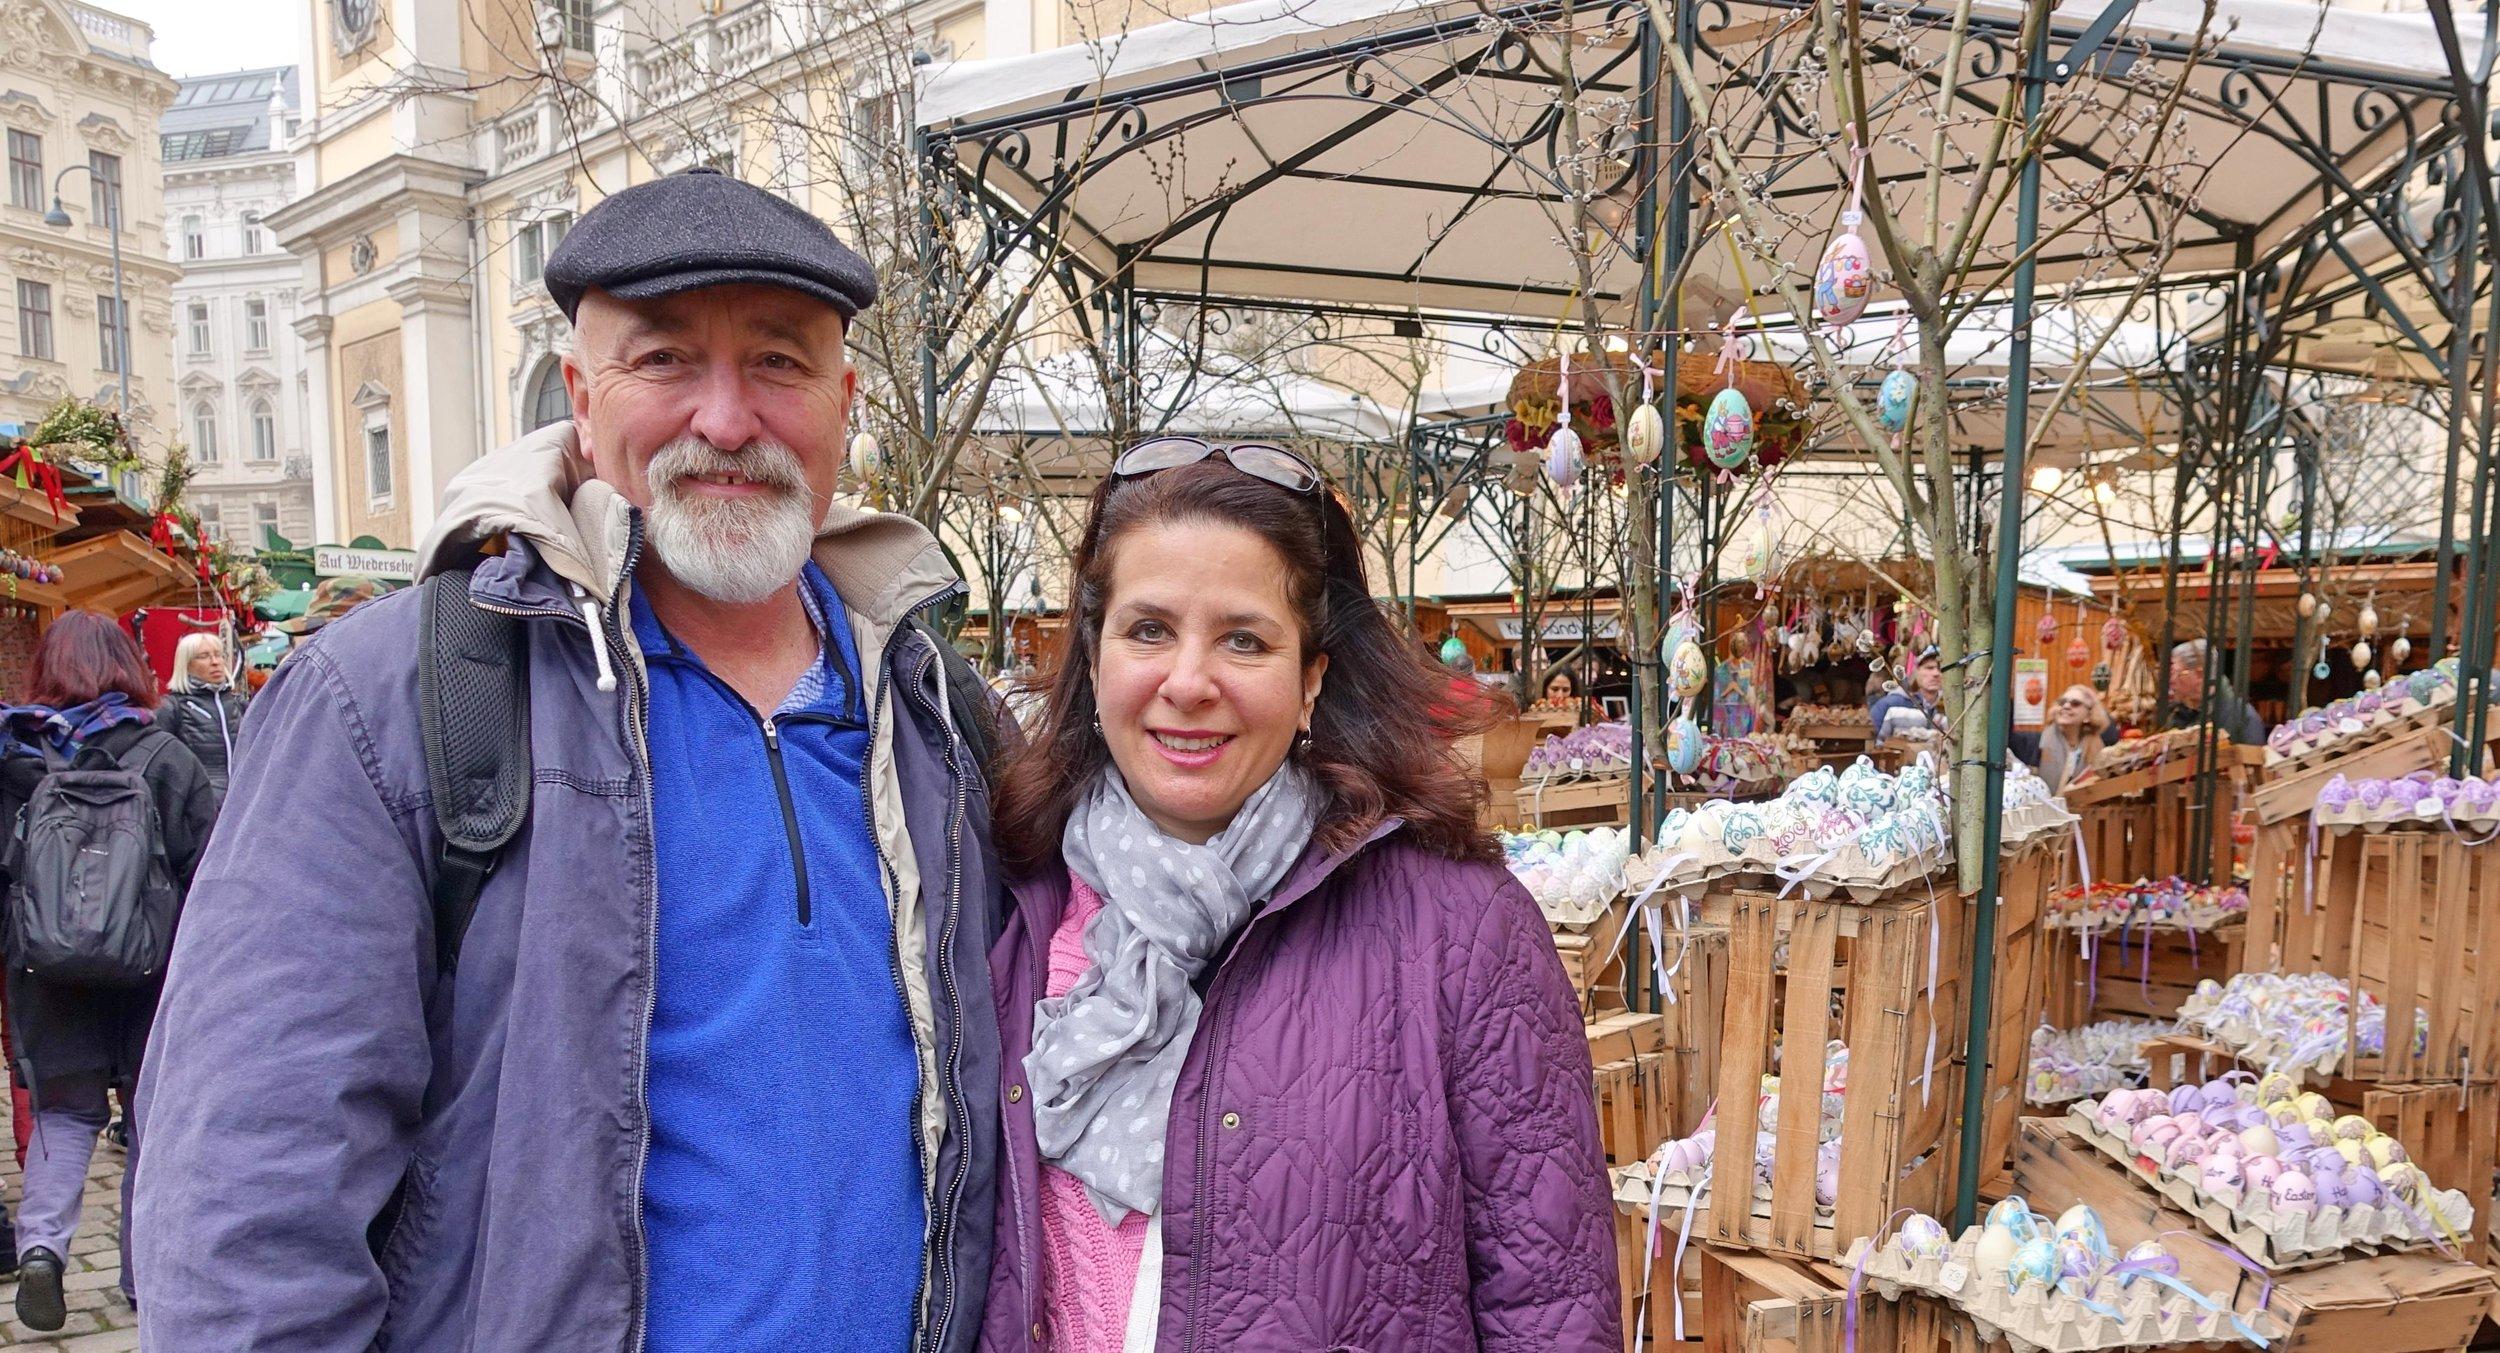 Markets in Vienna